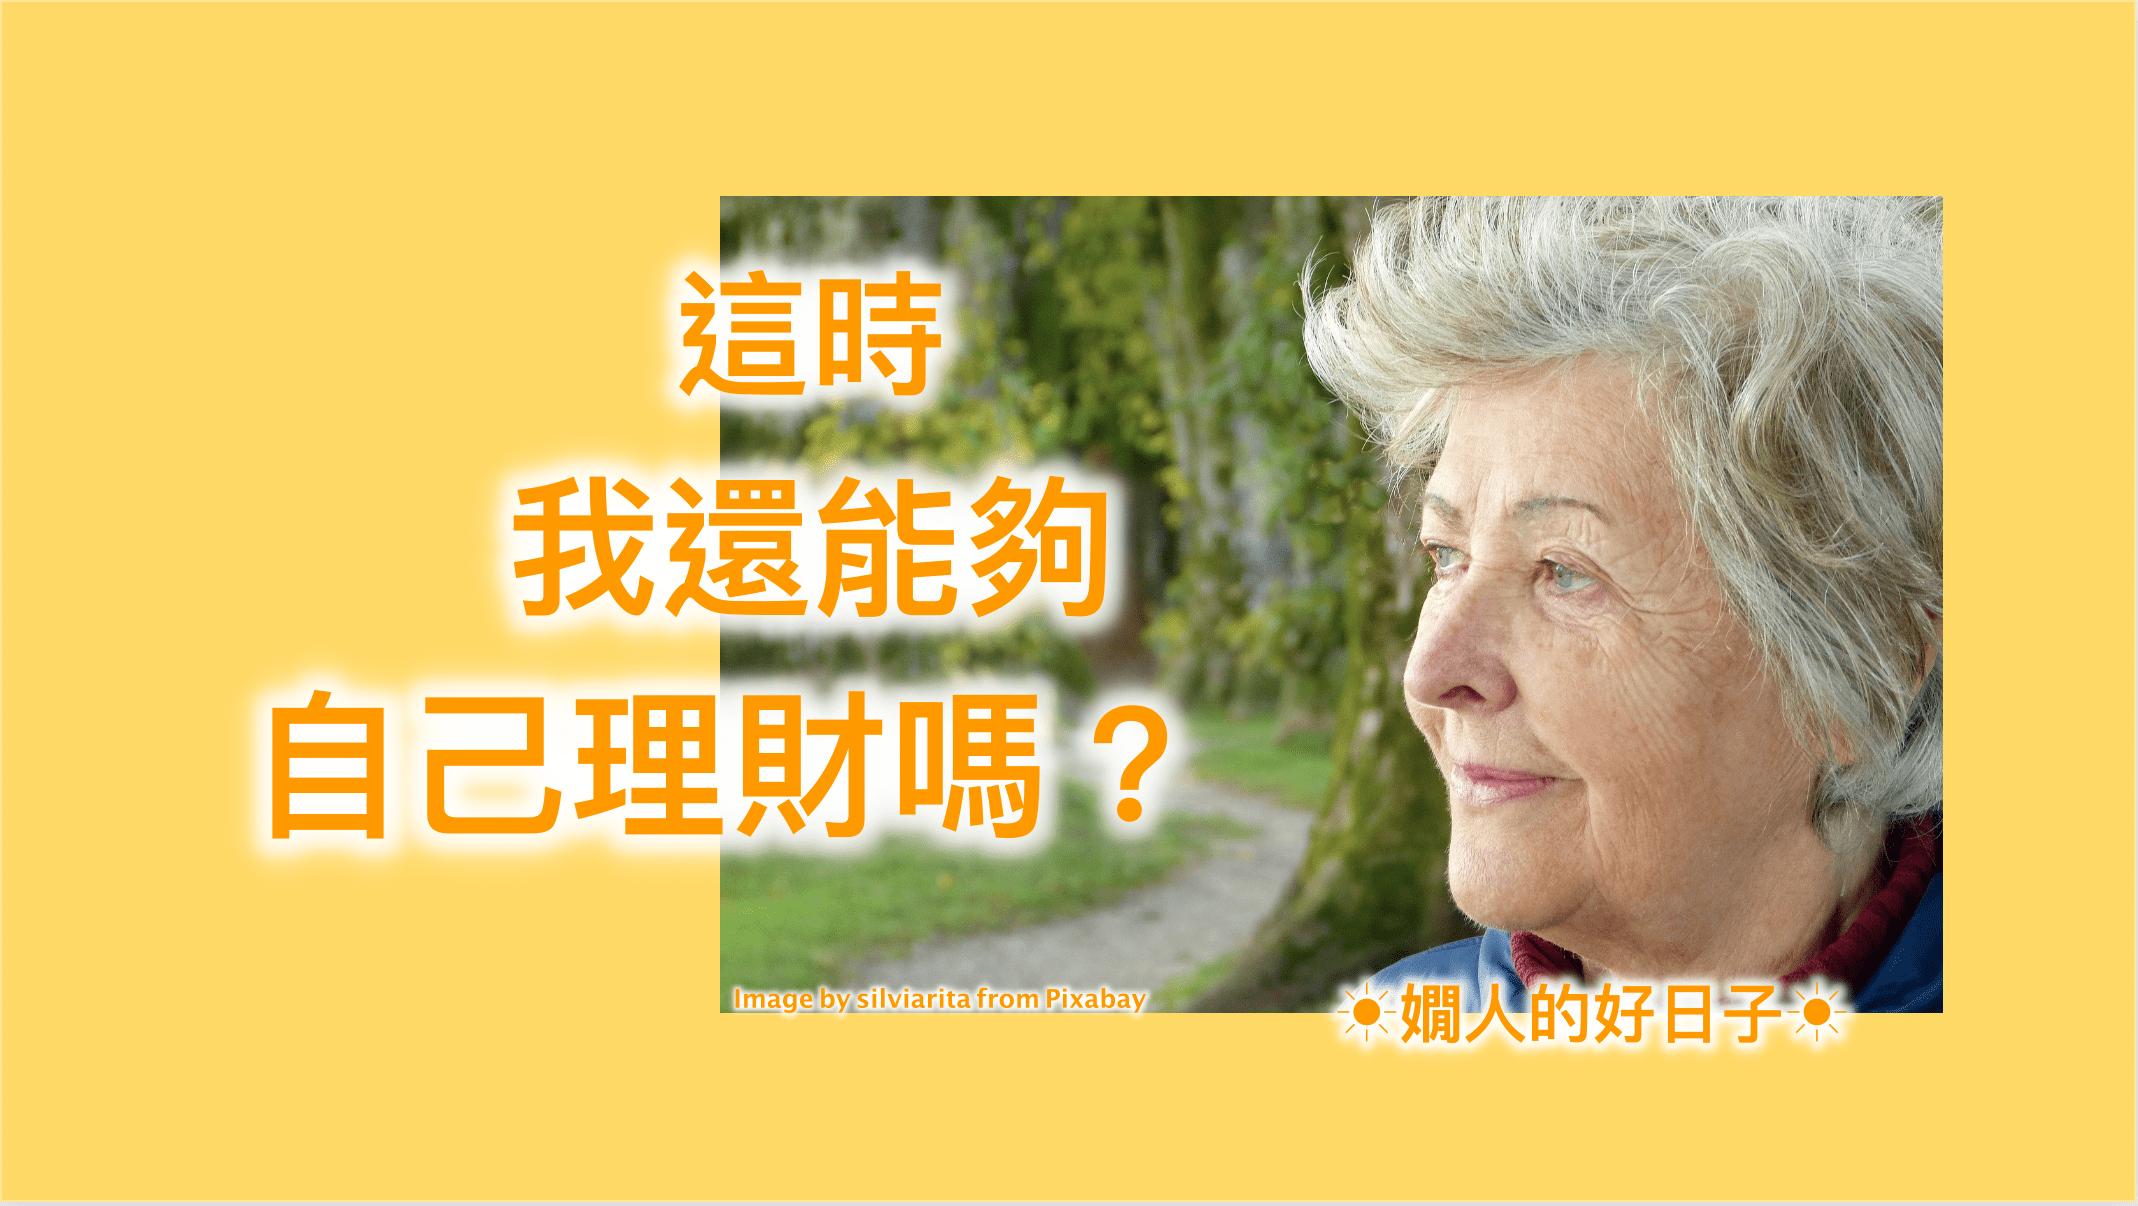 年金保險 是什麼?退休後該投保即期年金保險嗎?